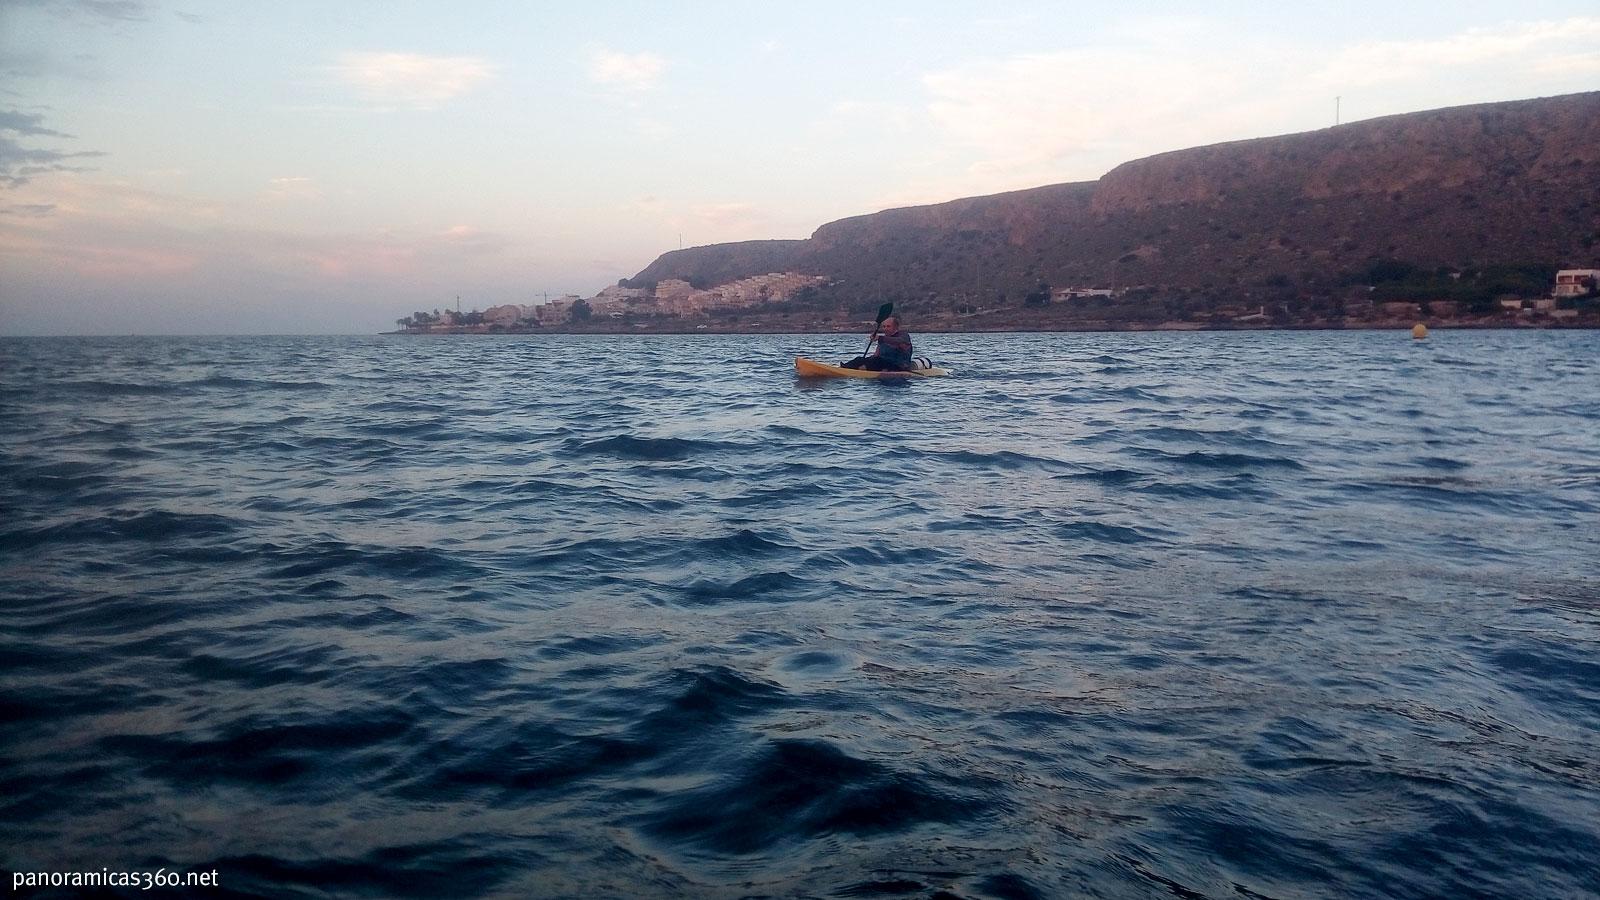 Isidoro comenzando la travesía cerca del Cabo de Santa Pola